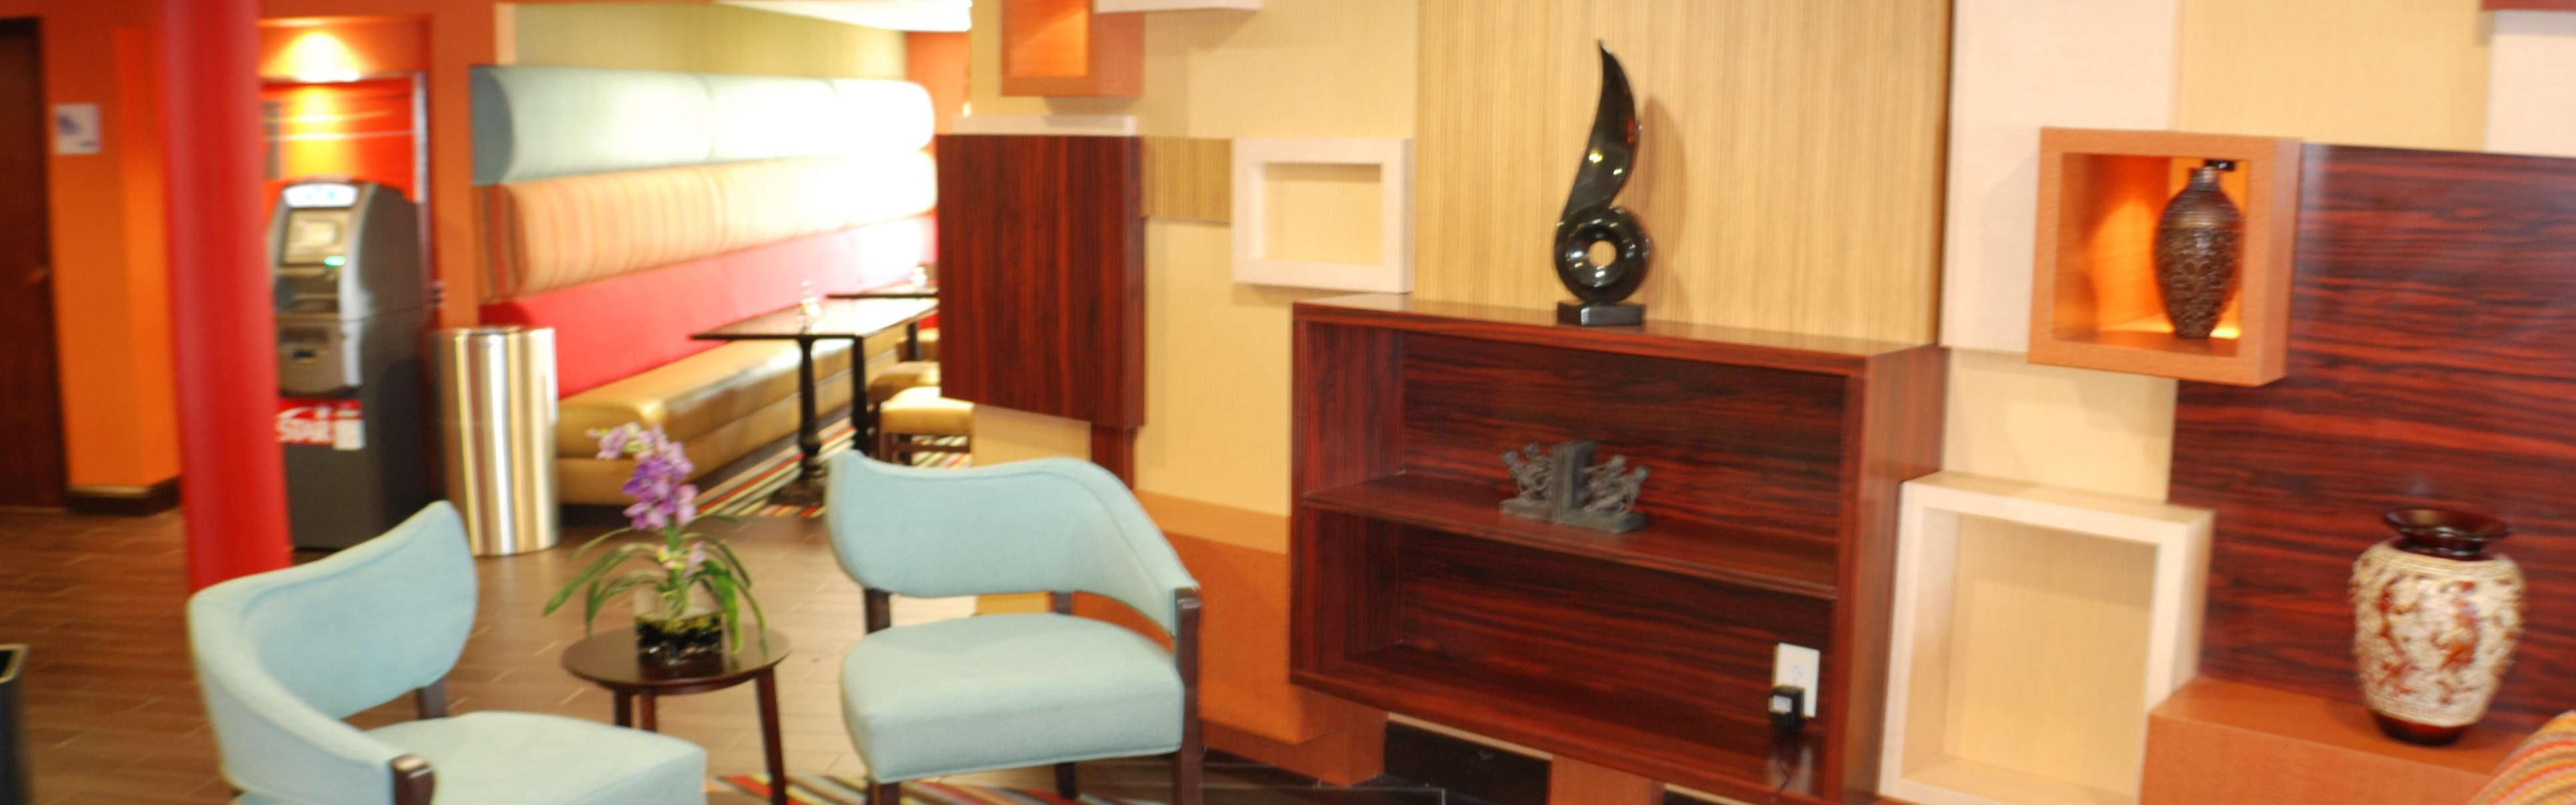 Holiday Inn Express Nashville W I40/Whitebridge Rd image 0